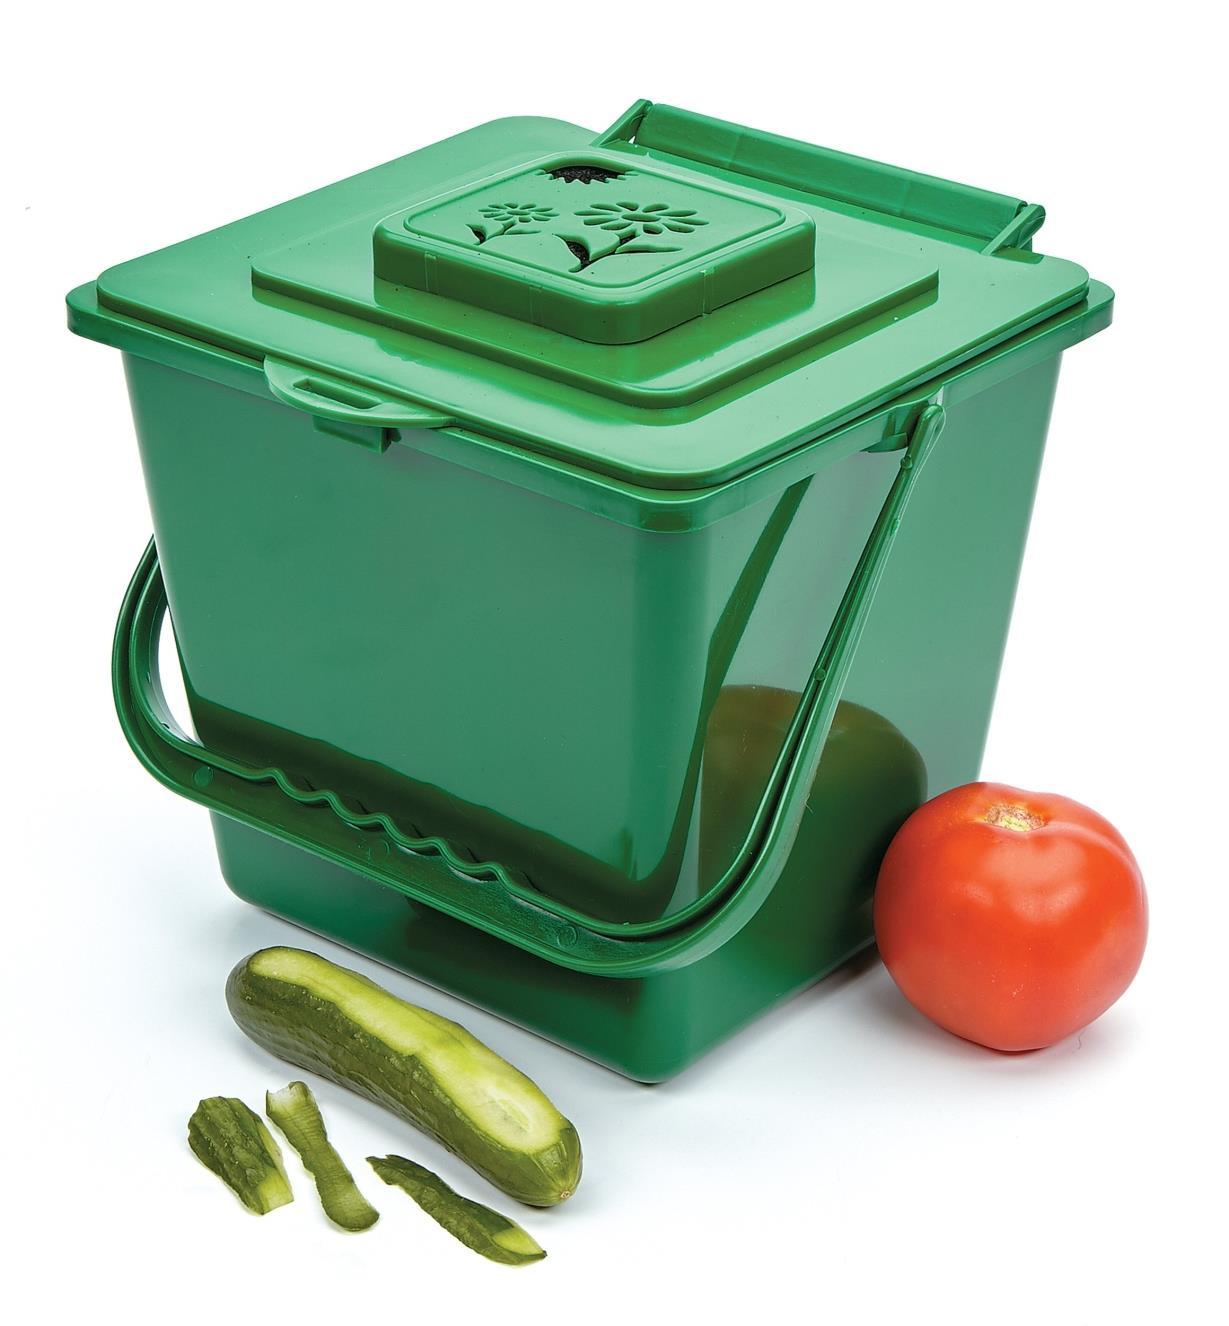 XG227 - Bac à compost de cuisine, 4L